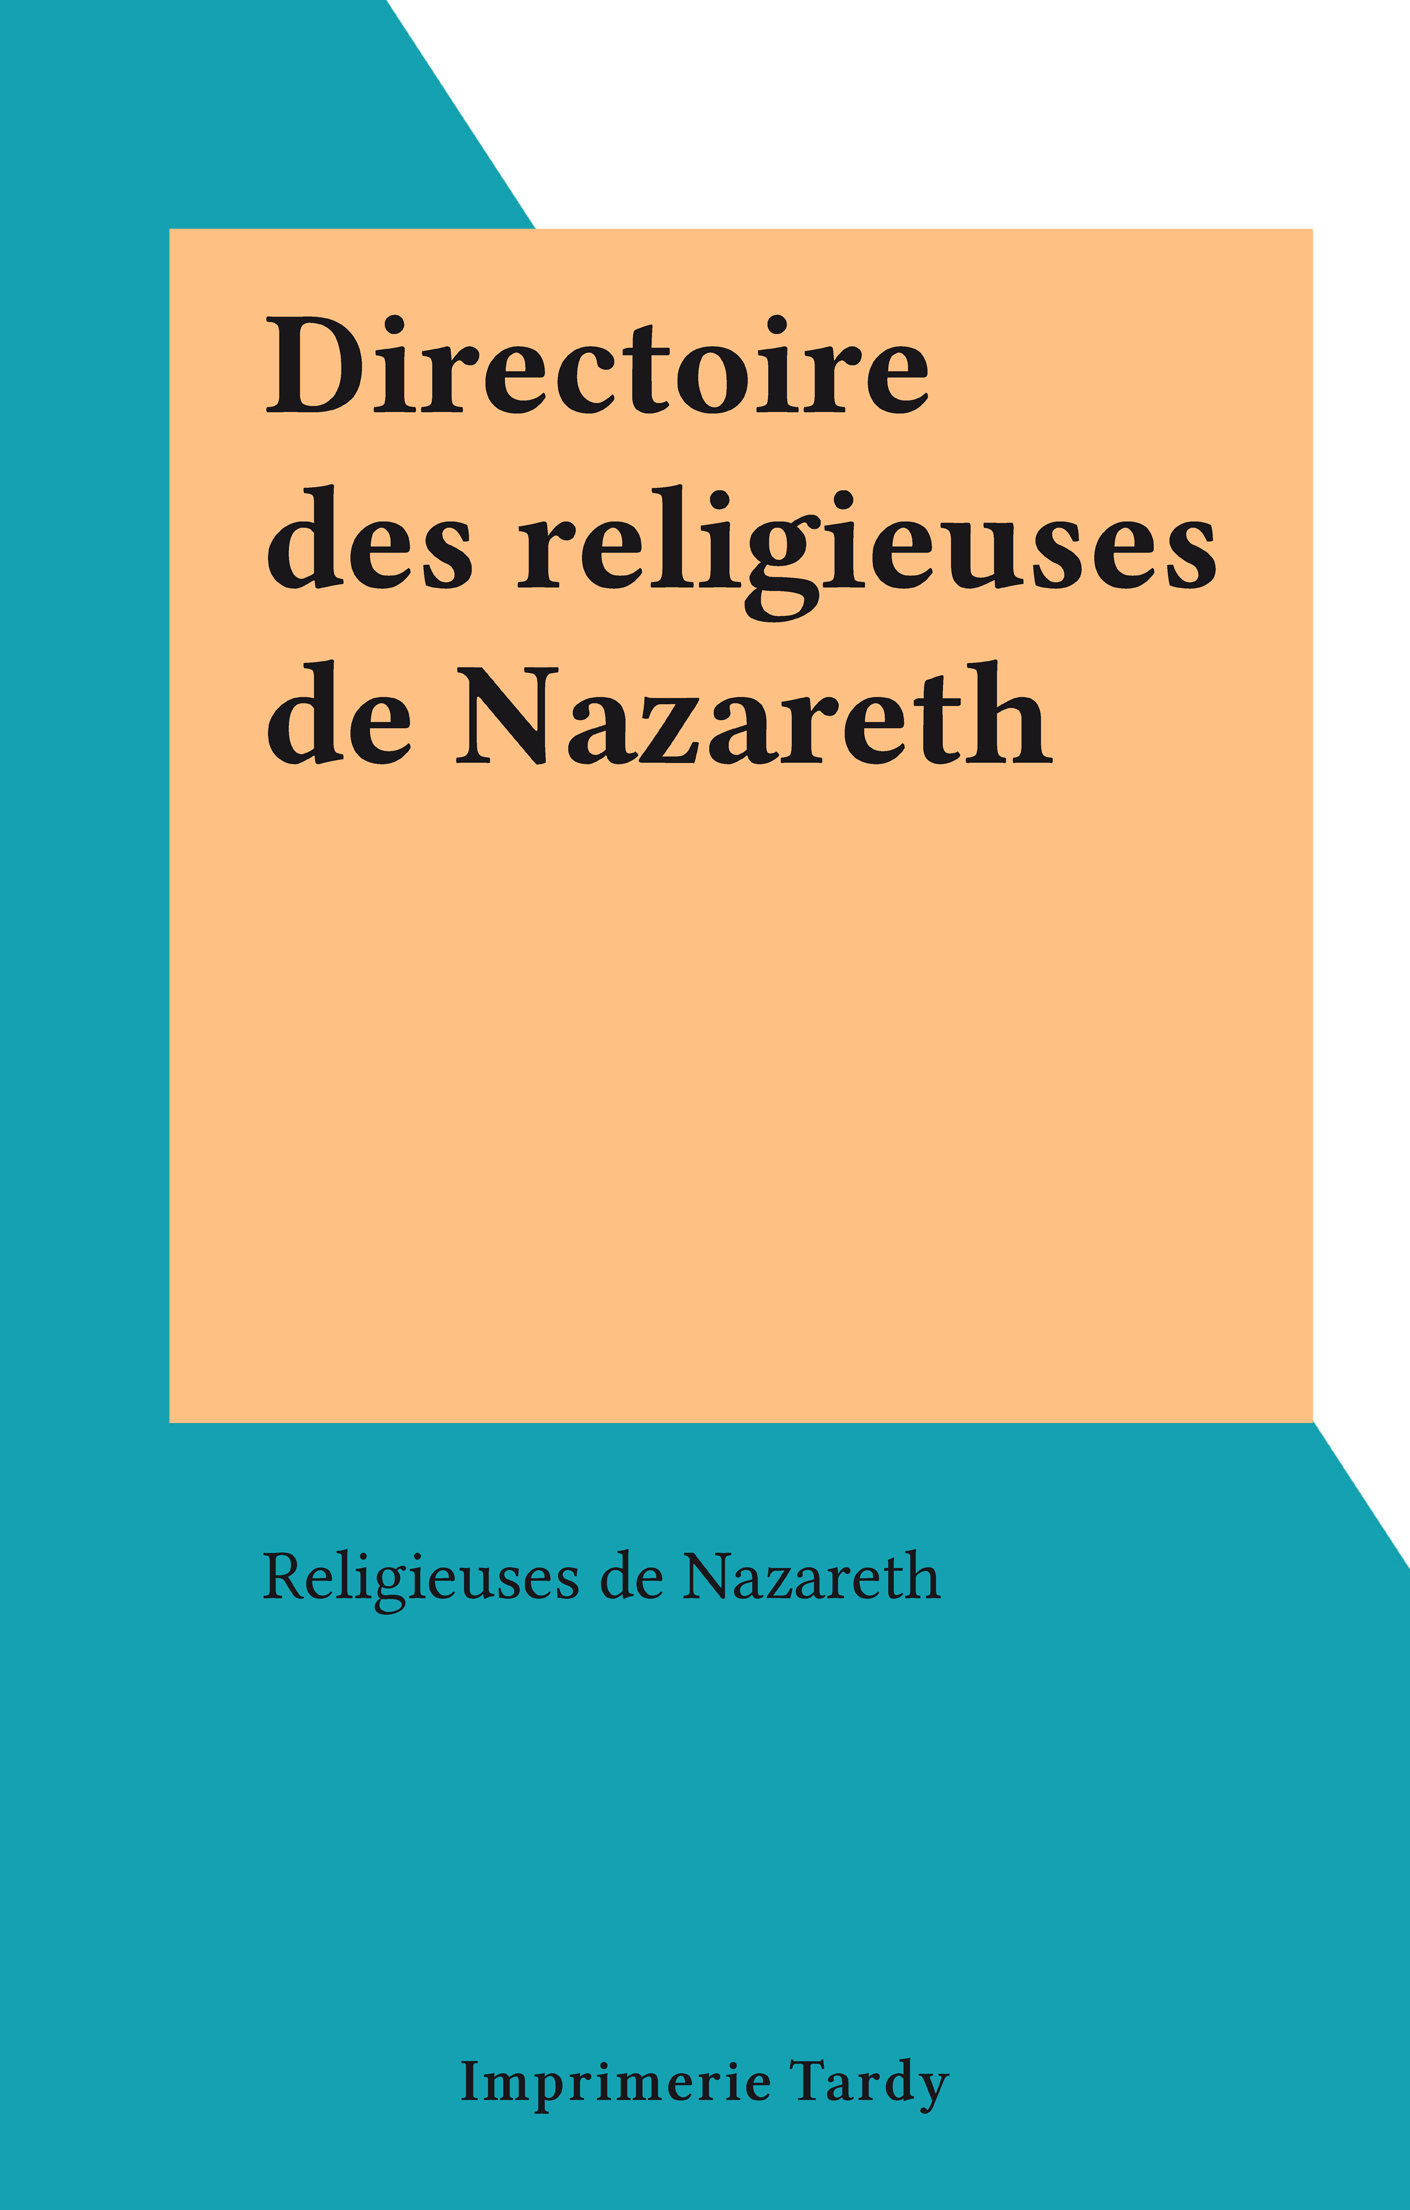 Directoire des religieuses ...